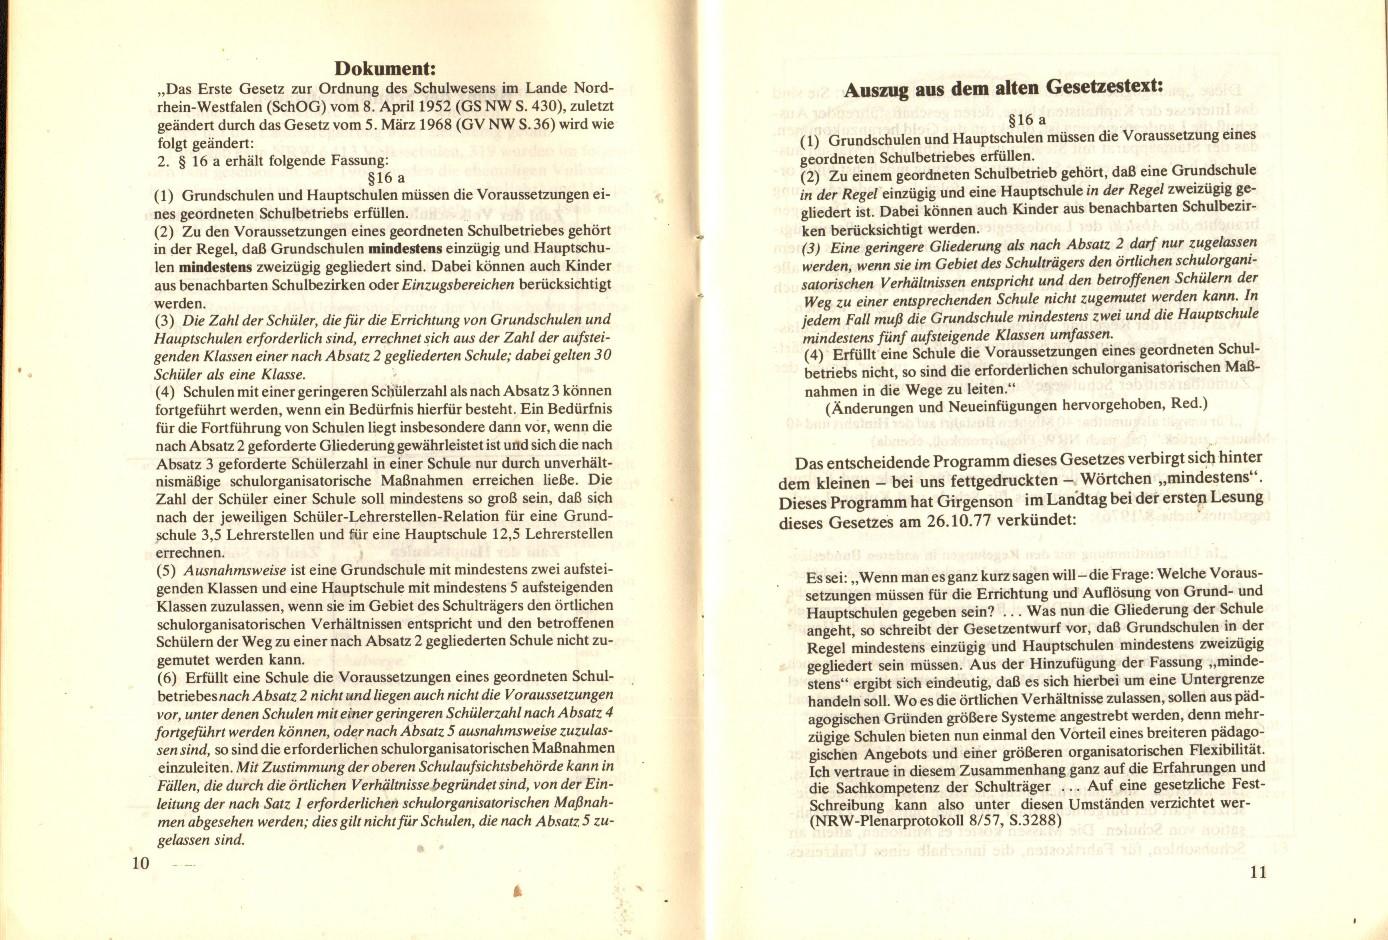 NRW_KBW_1978_SPD_Schulgesetze_07